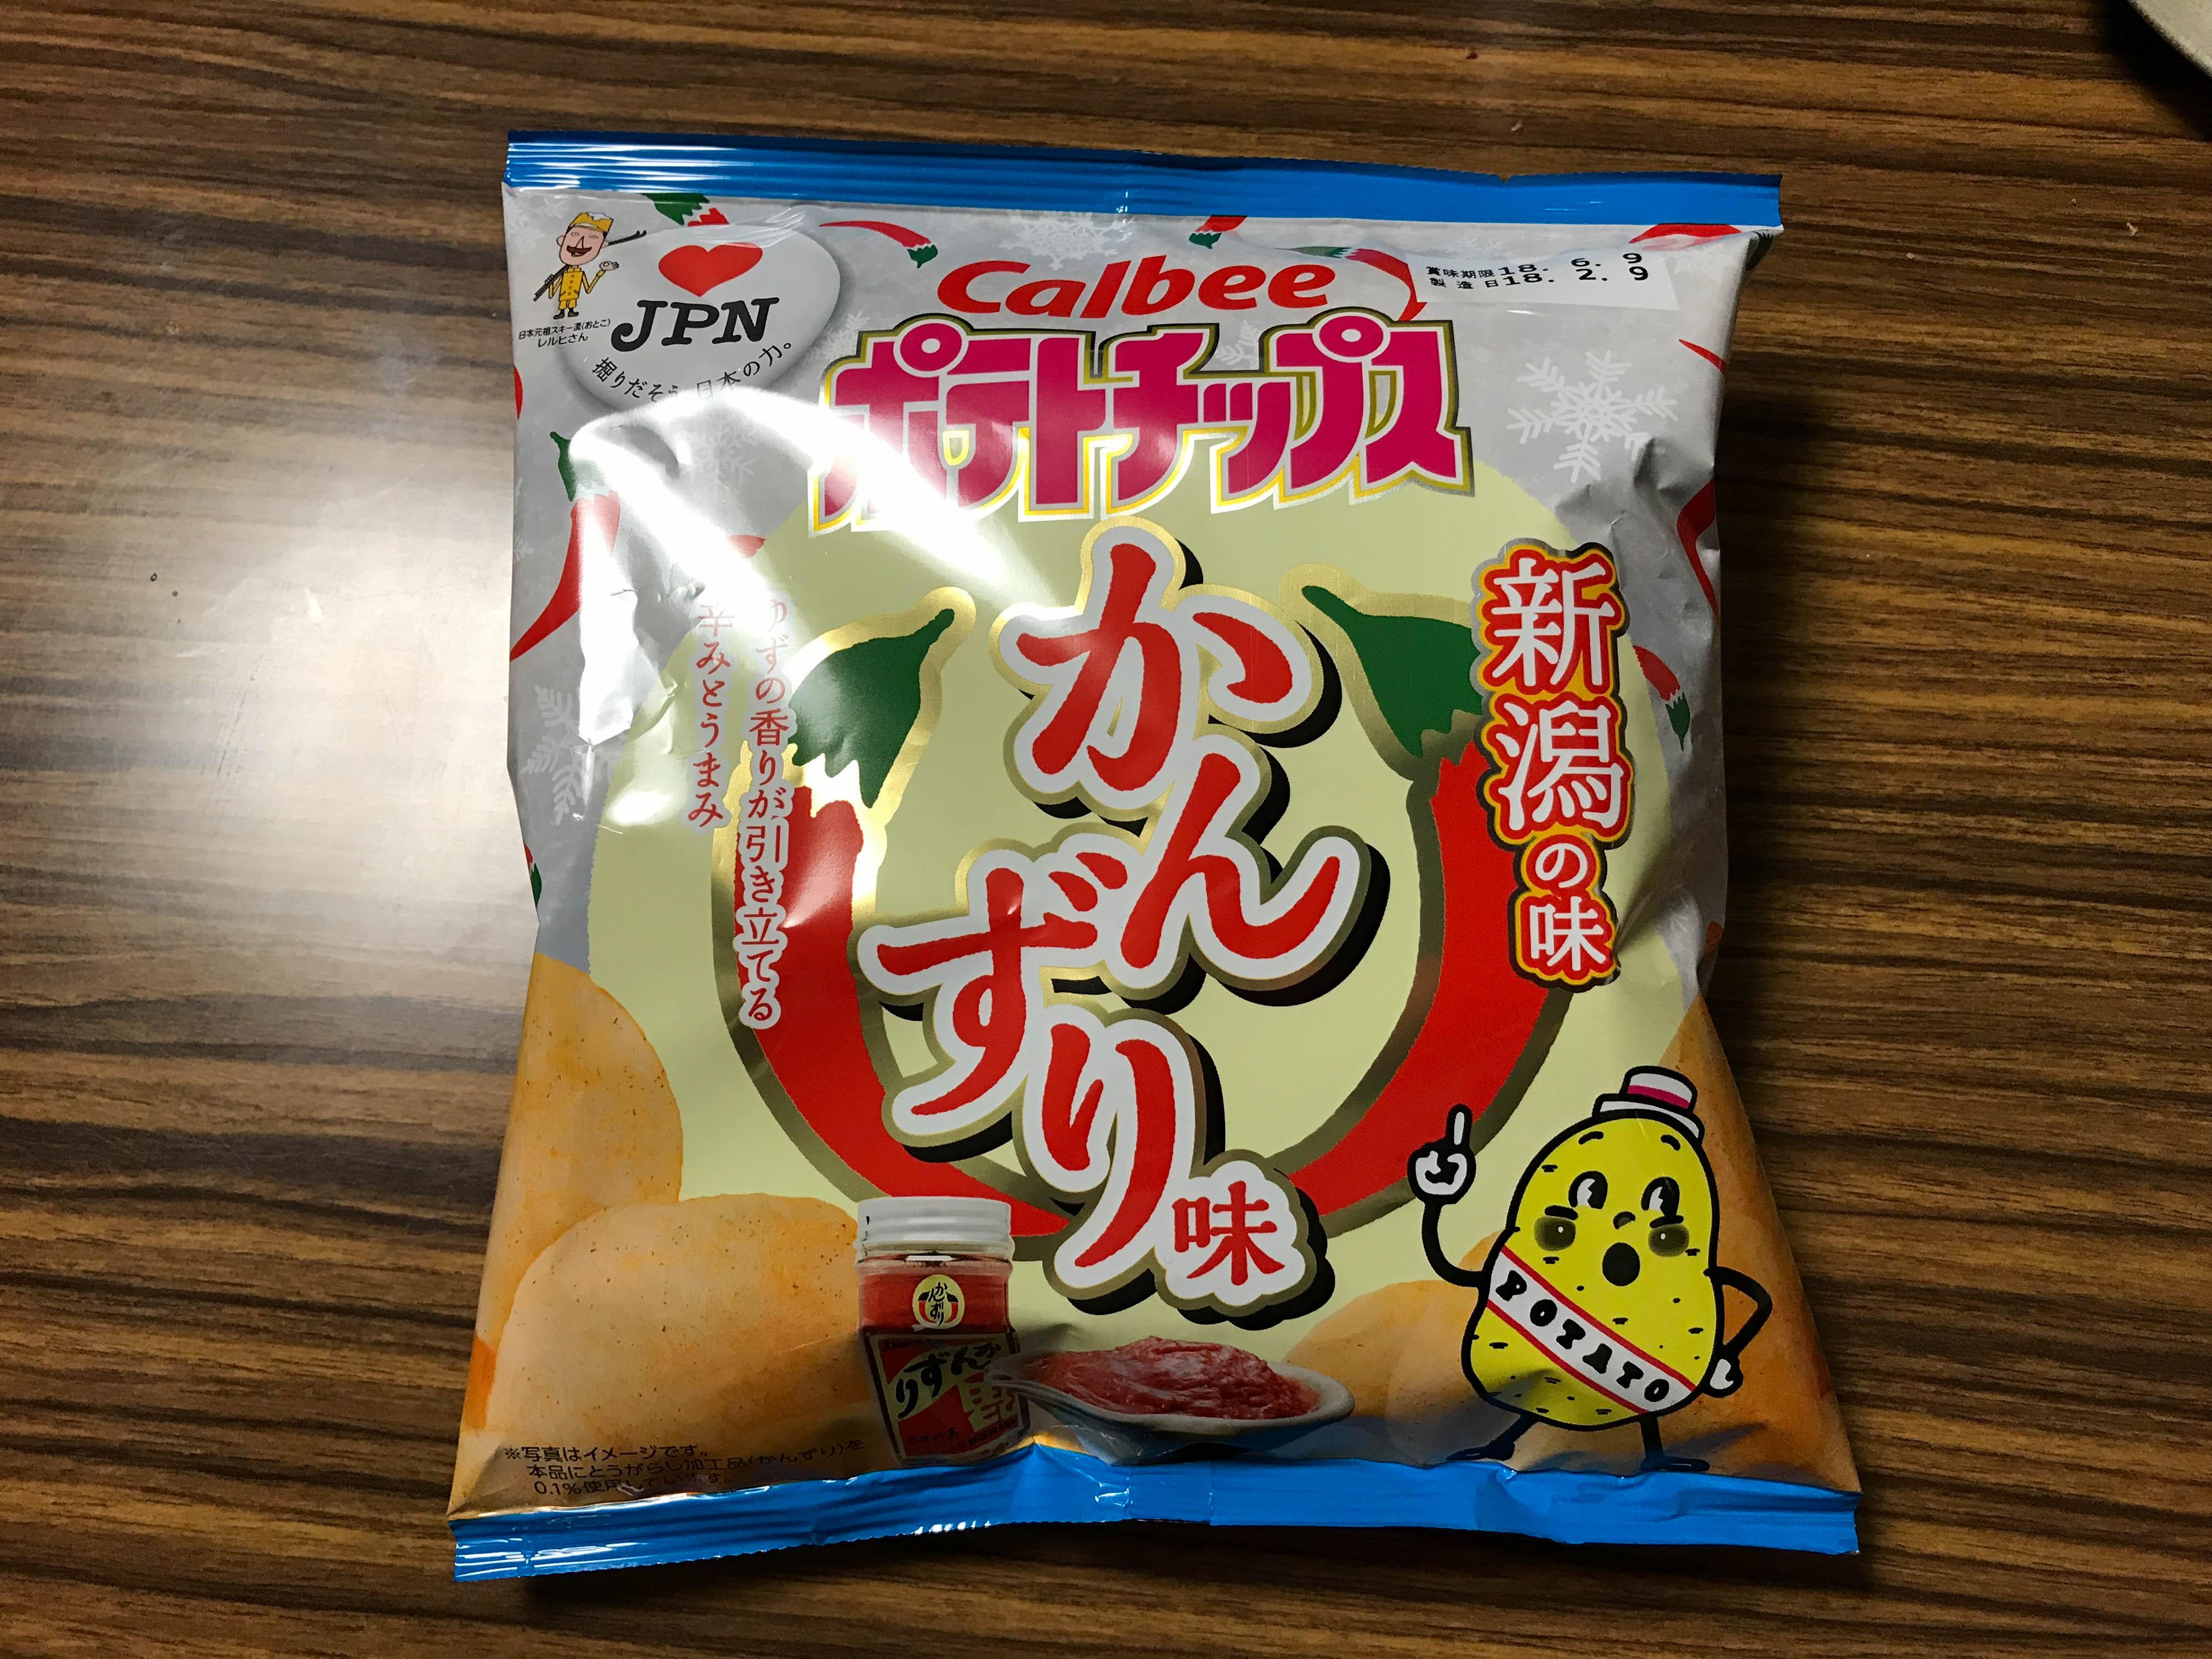 ポテトチップスかんずり味 新潟県妙高市特産の香辛料「かんずり」の辛味がおつまみにピッタリ!